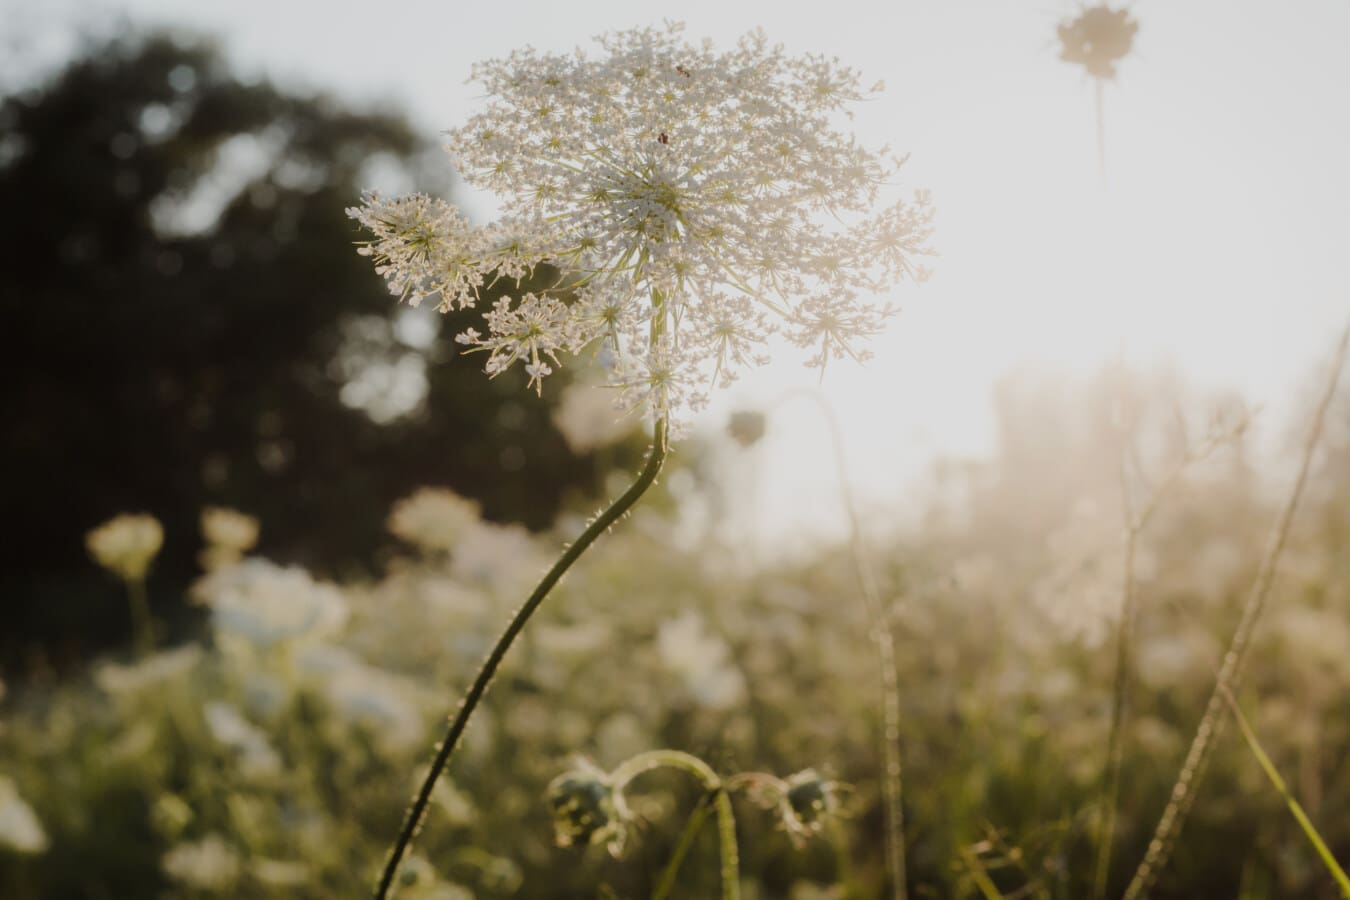 Wildblumen, weiße Blume, Sonnenstrahlen, Sonnenschein, hinterleuchtet, sonnig, Sommersaison, Anlage, Kraut, Landschaft